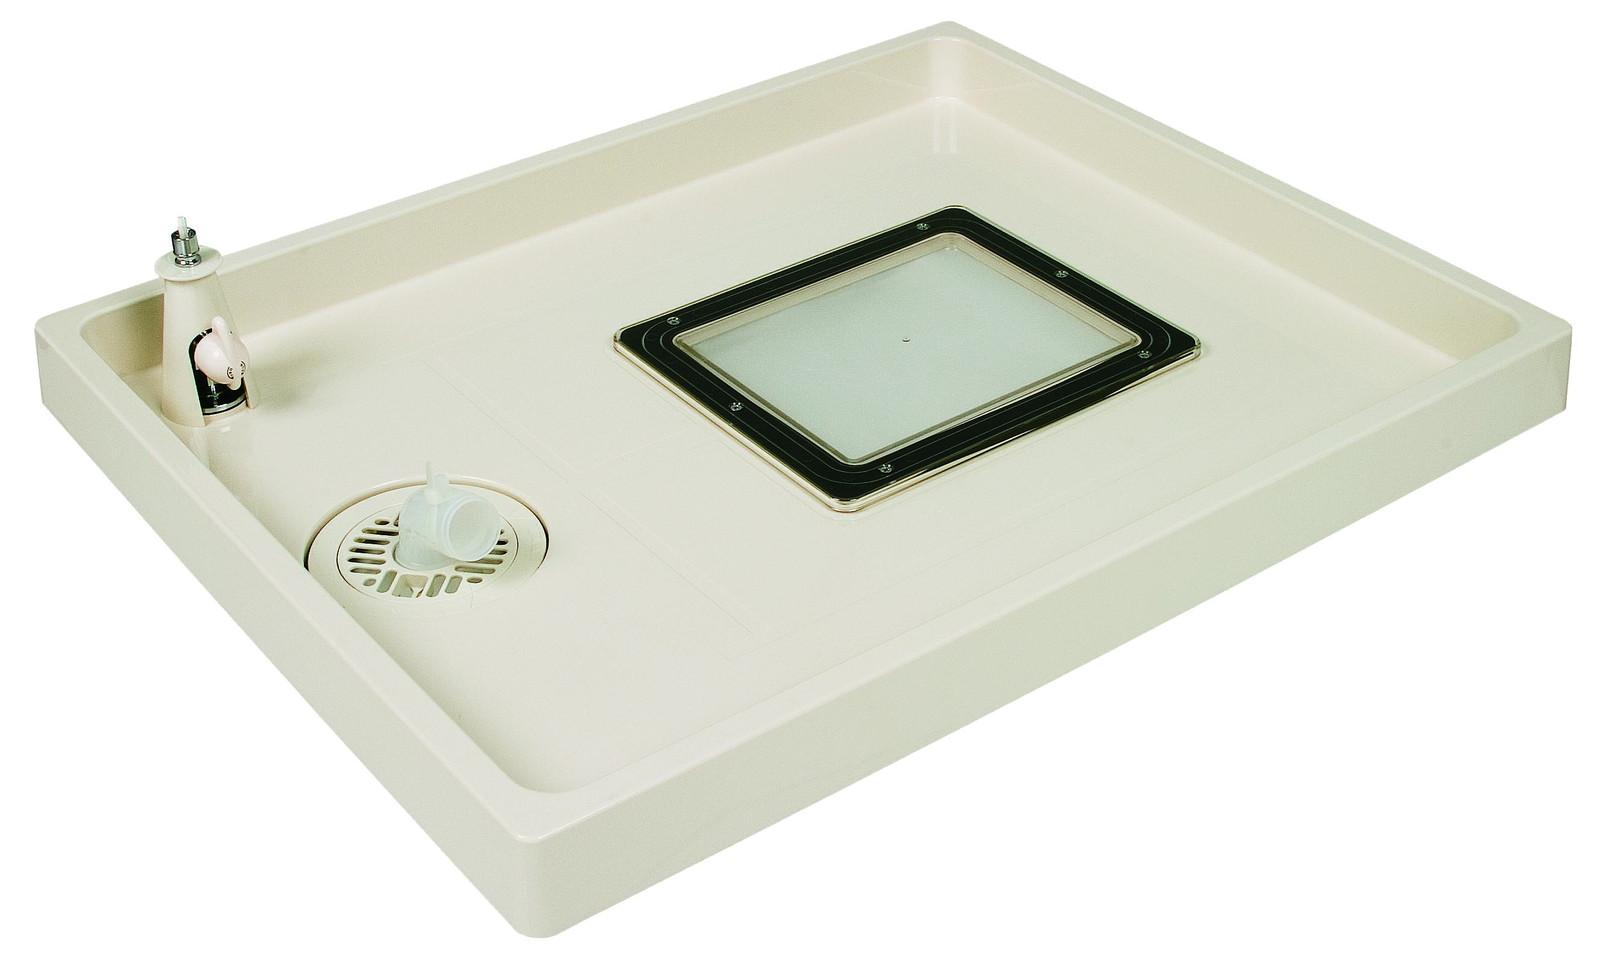 点検口・給水栓付防水パン コックタッチエンデバー TSC-800R W800×D640×H63mm アイボリーホワイト 水栓位置:右(R) 点検口:アイボリーホワイト [※代引不可]